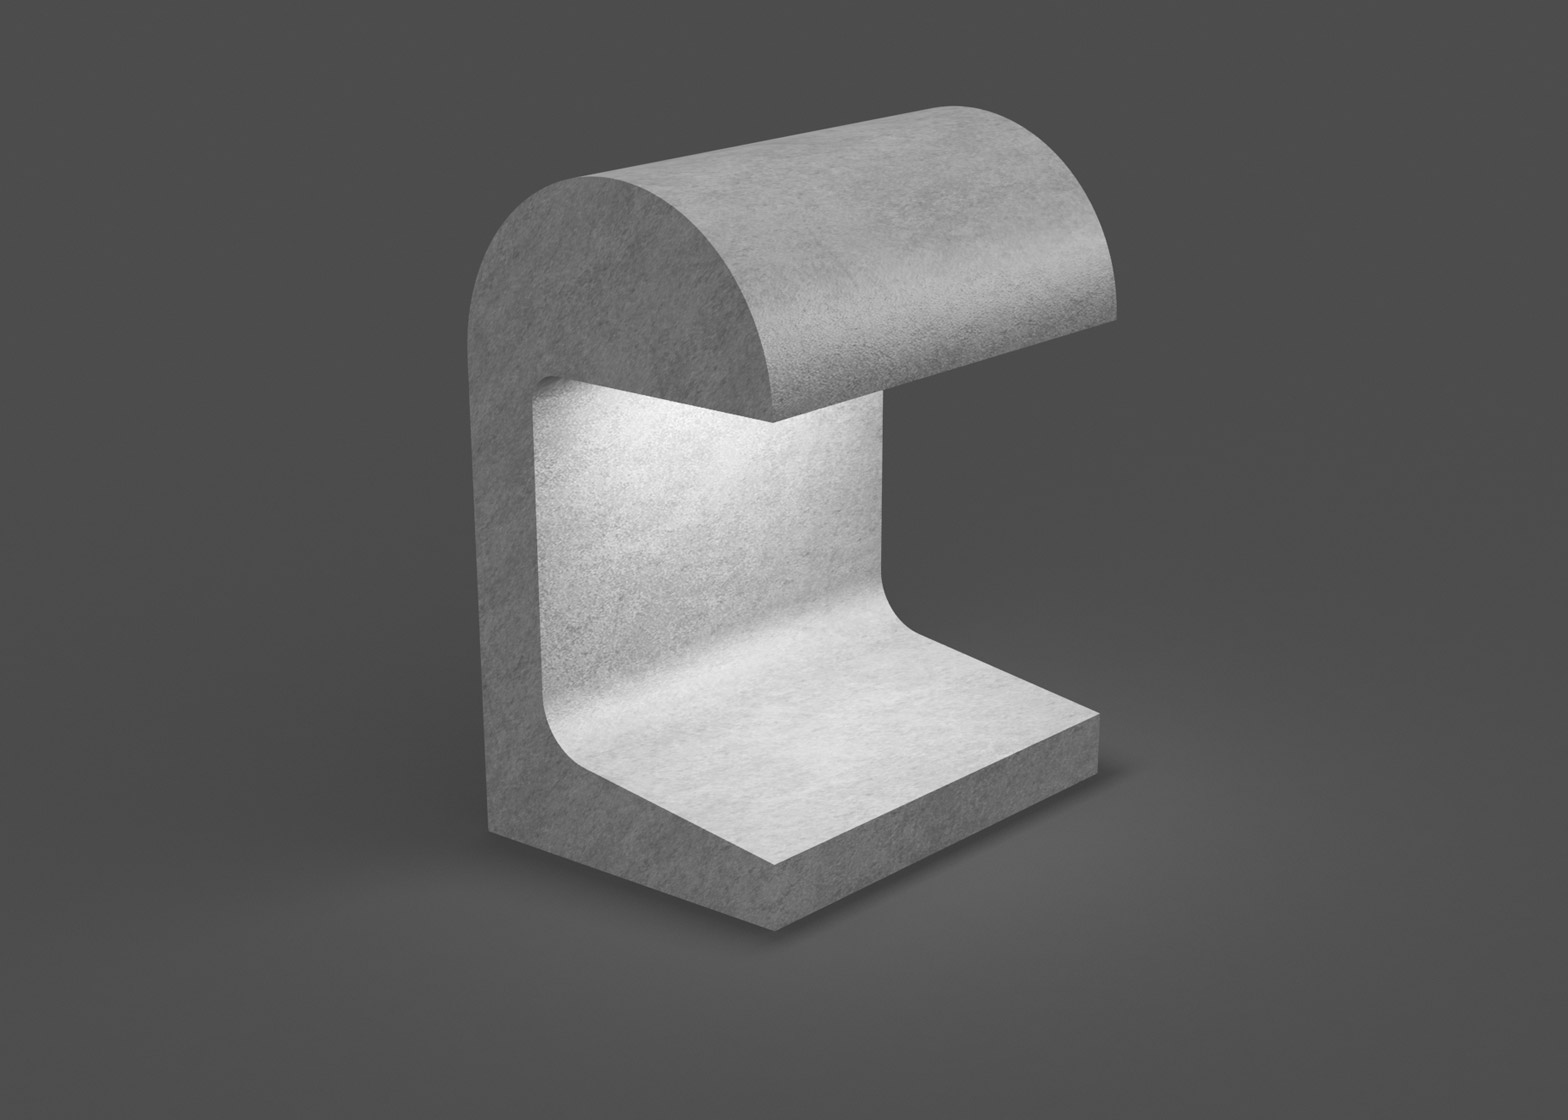 01-luminaria-concreto